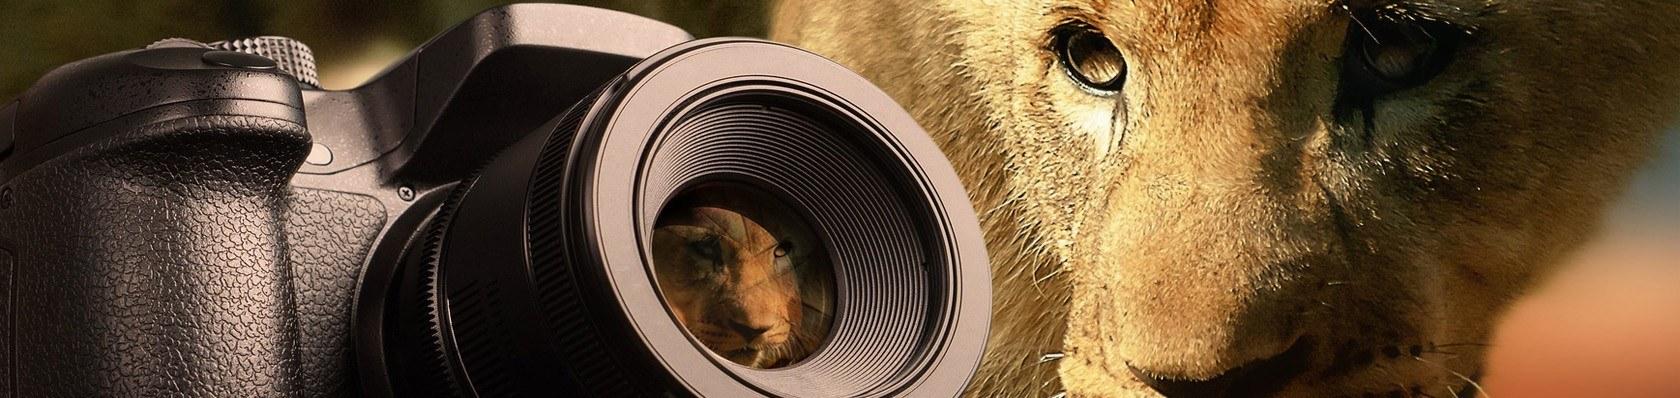 Kamera Mirrorless im Test auf ExpertenTesten.de